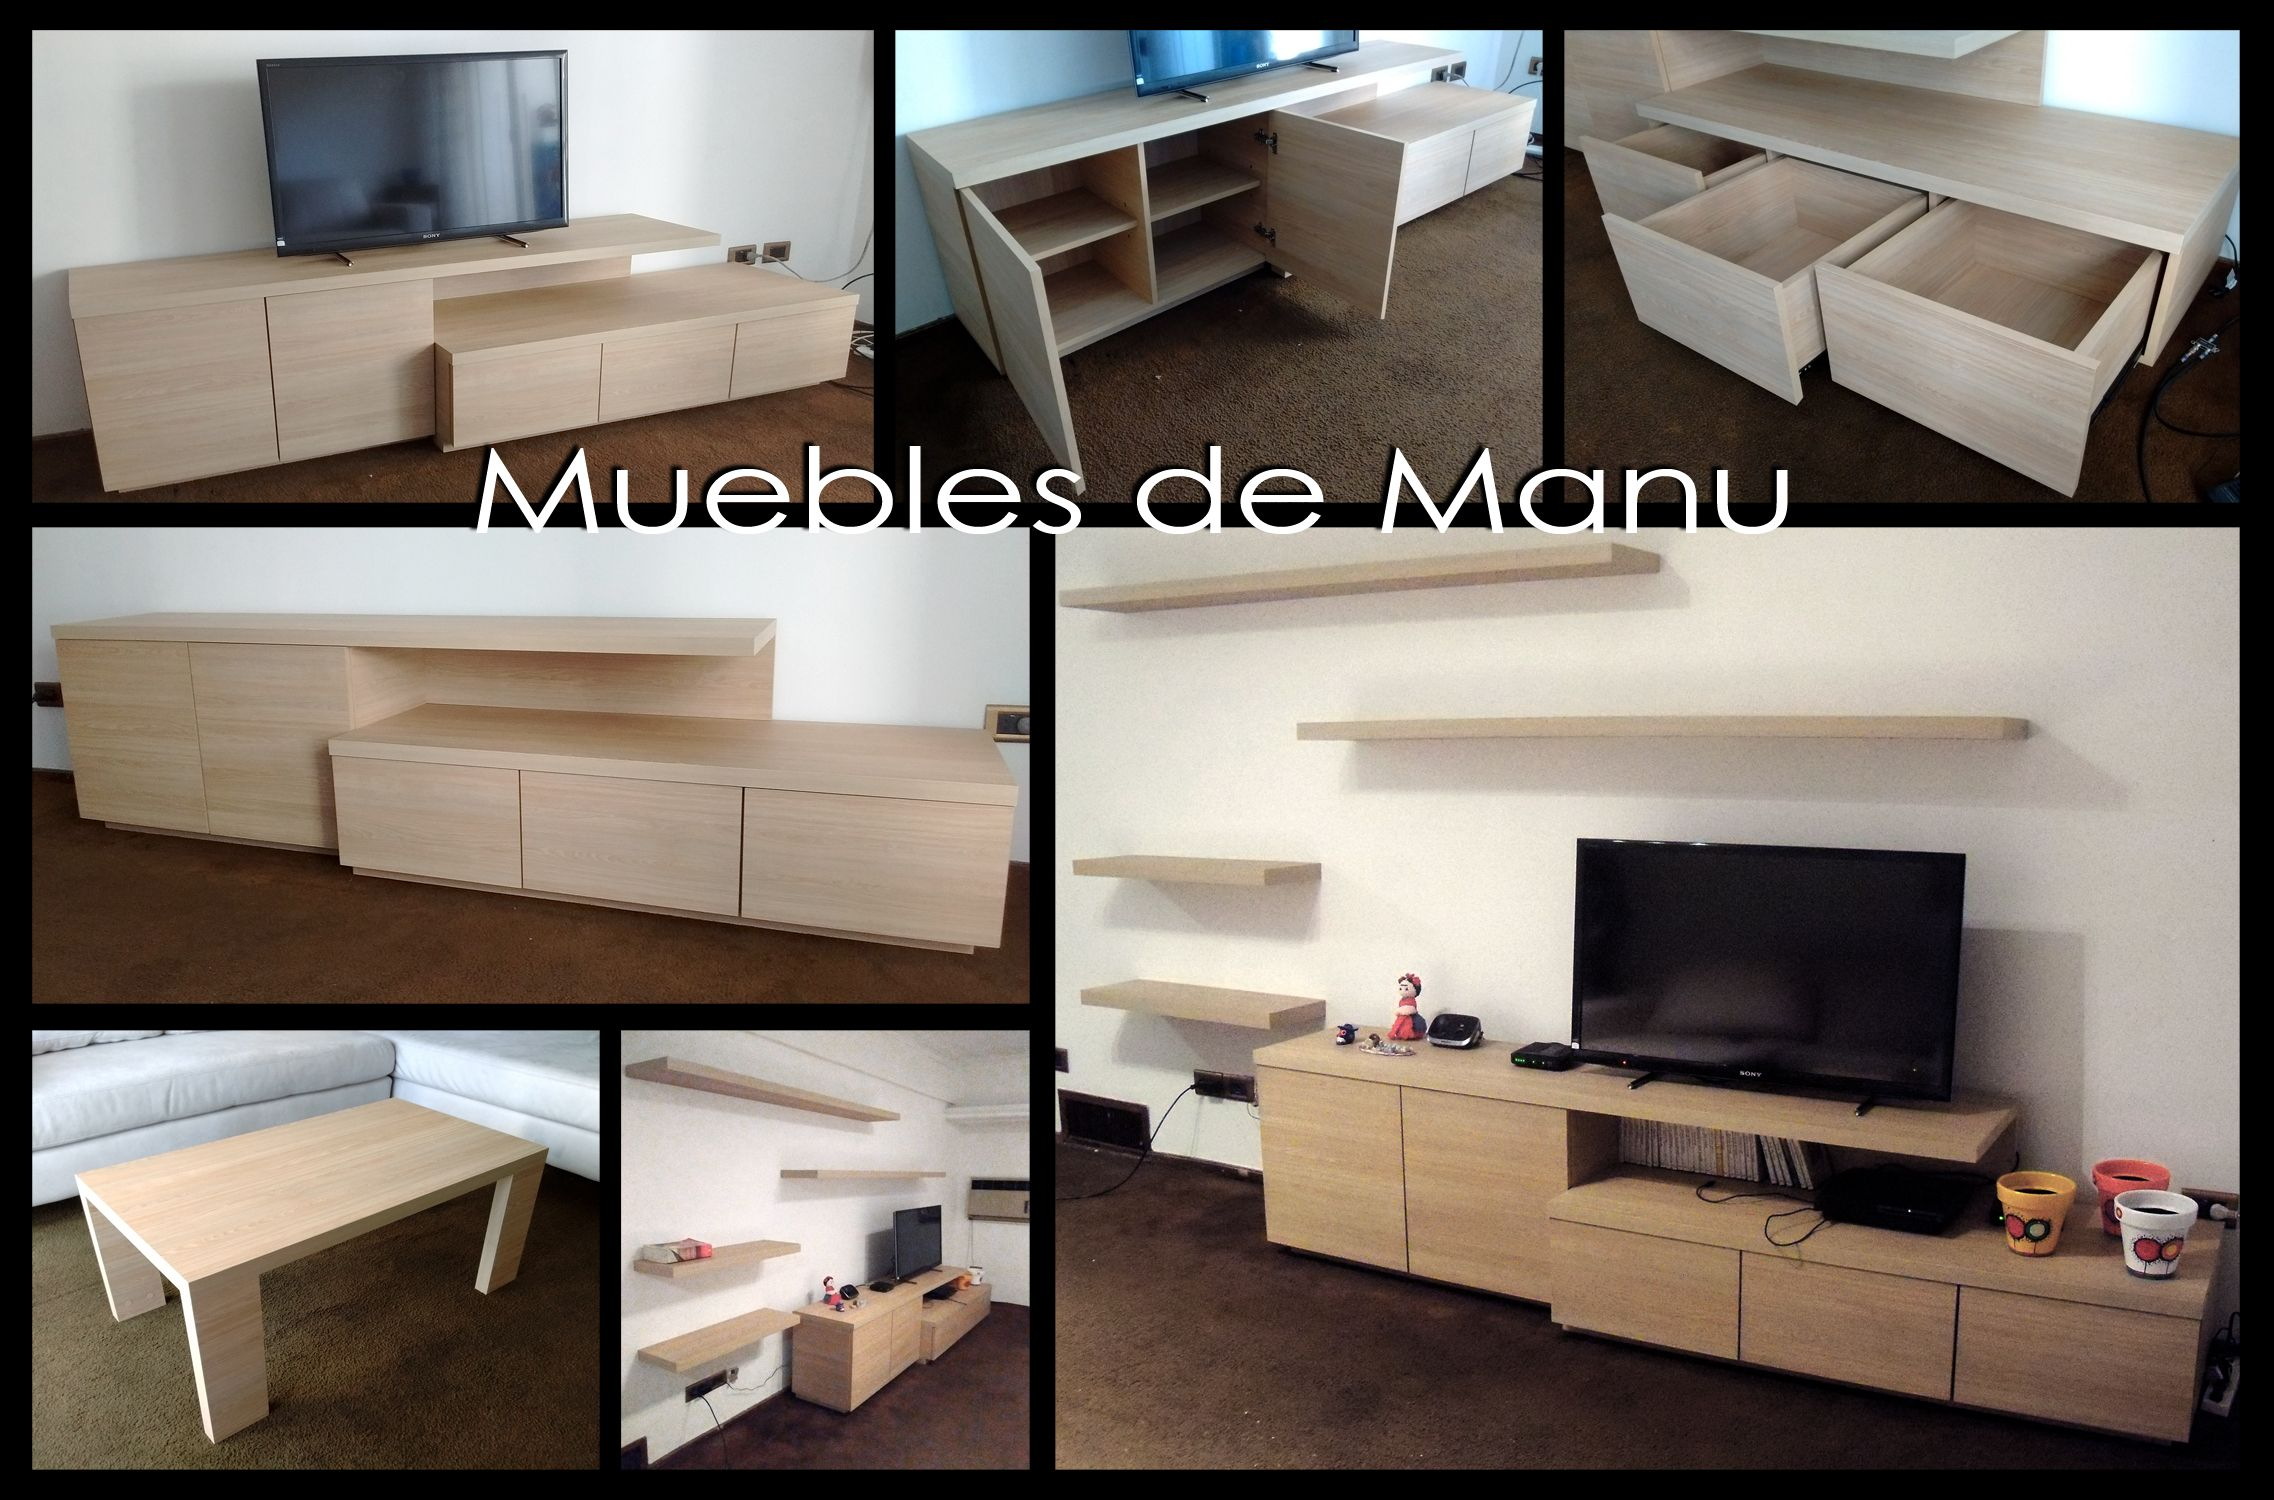 Pin De Muebles De Manu En Muebles Minimalistas Pinterest  # Muebles Minimalistas